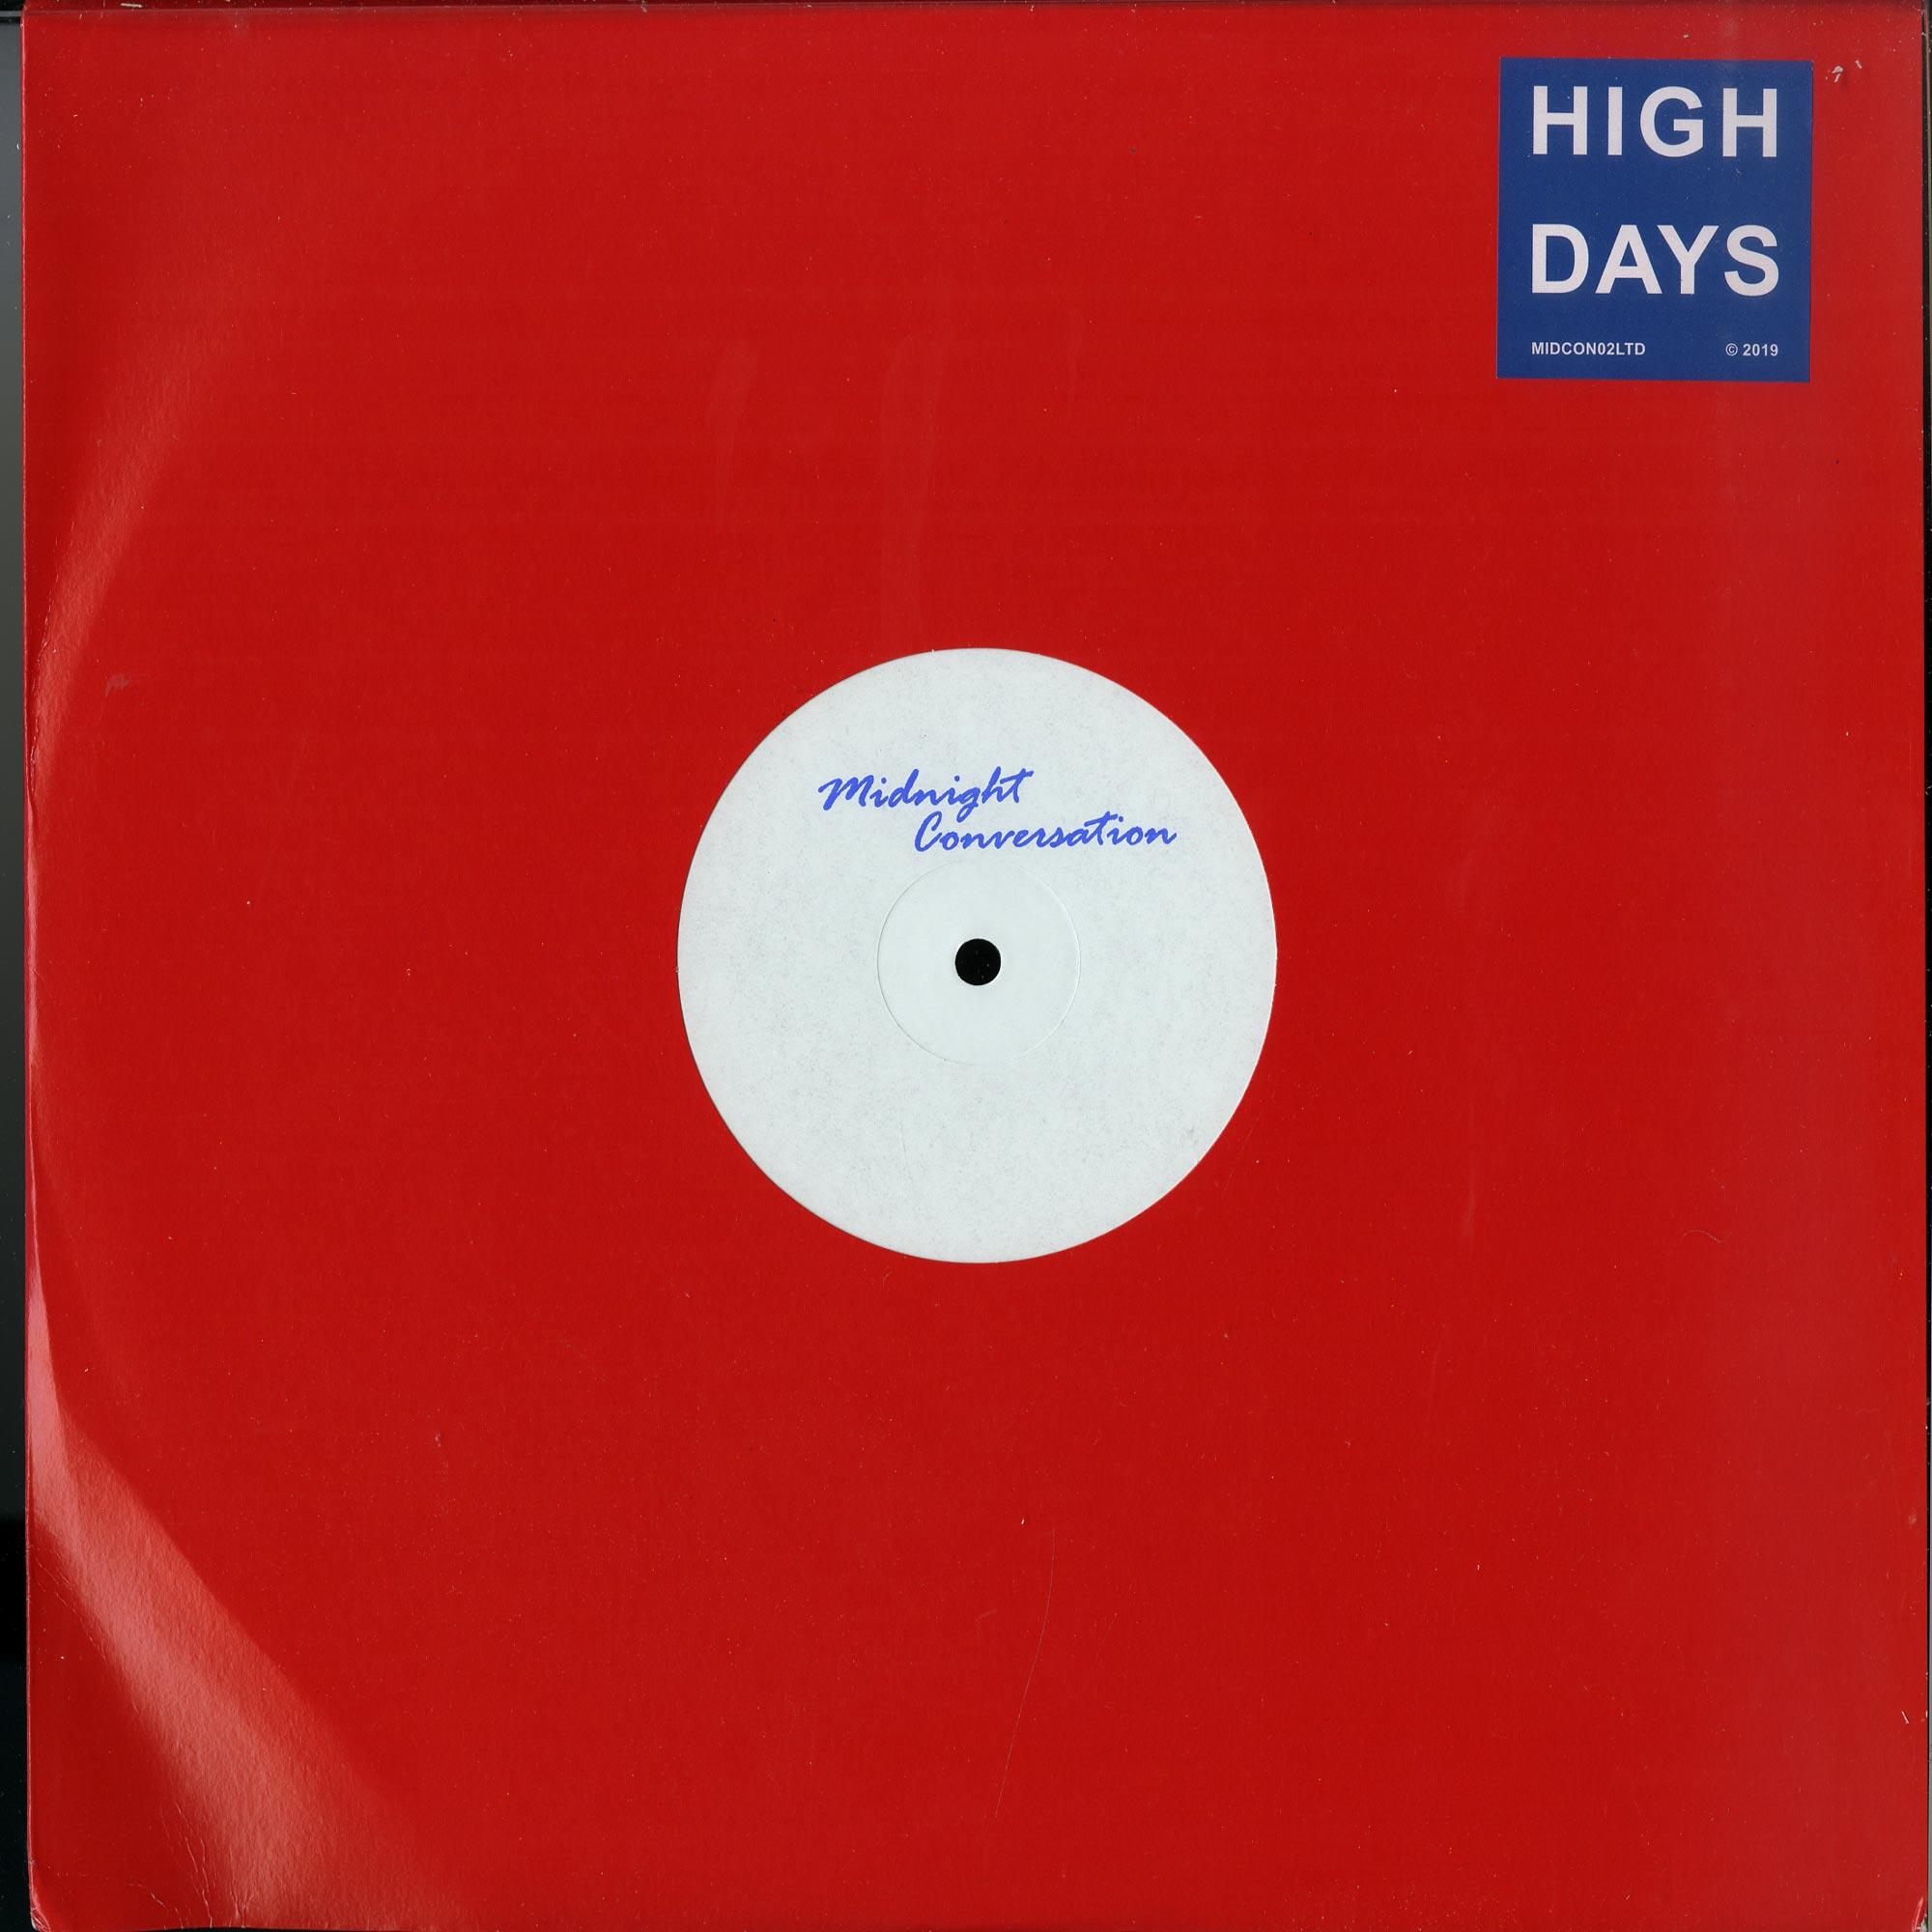 Midnight Conversation - HIGH DAYS